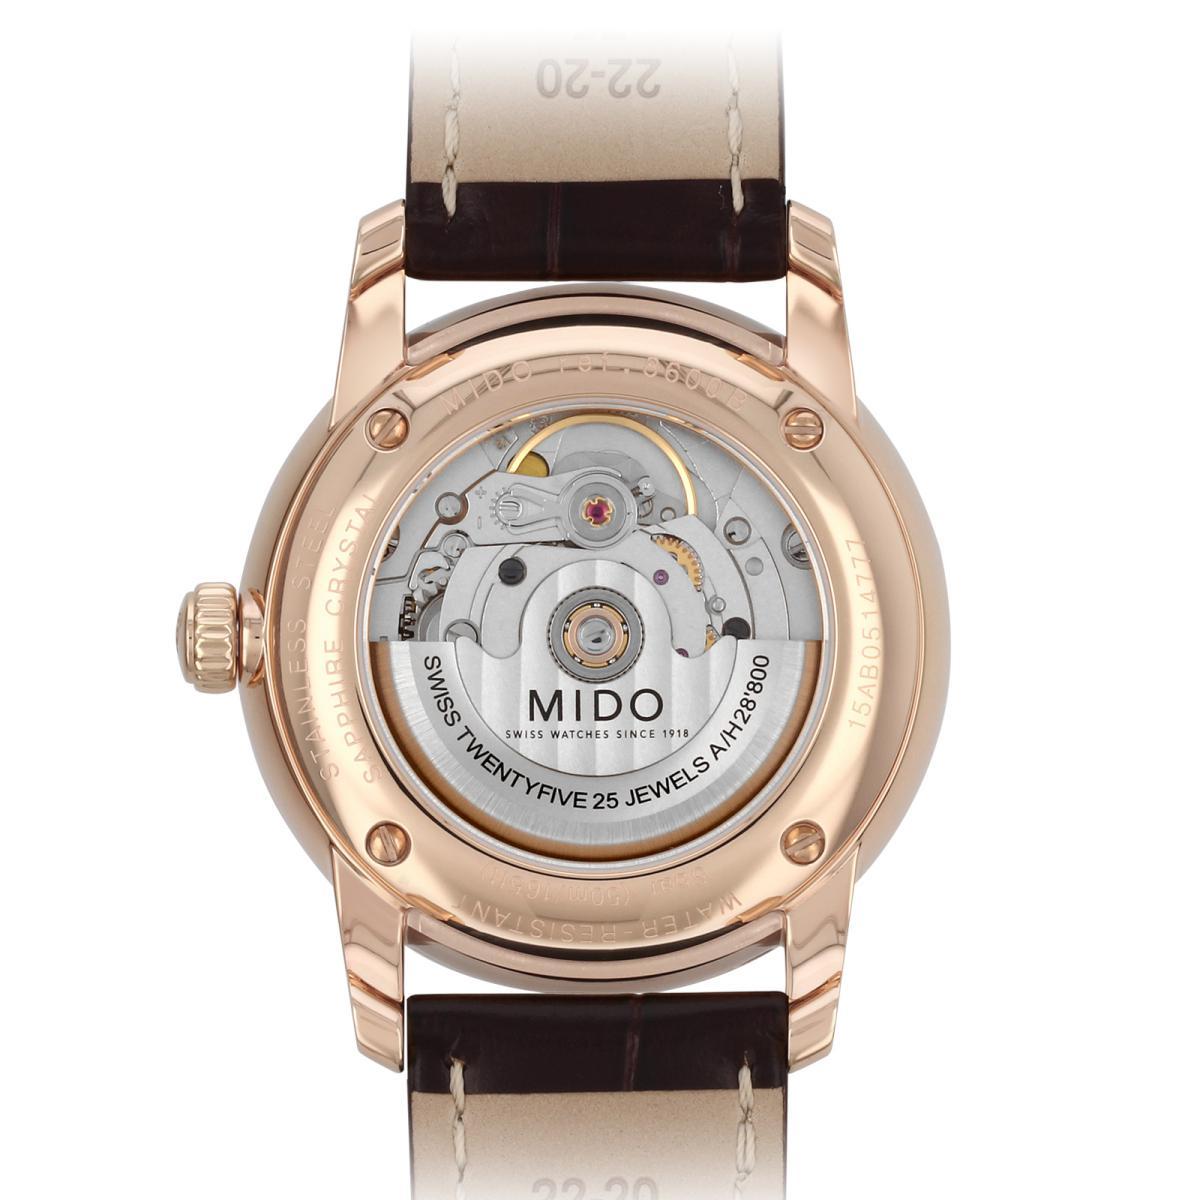 ffa965b8a5c8 Reloj Mido - M8600.3.13.4 - Hombre M8600.3.13.4 - Time Square